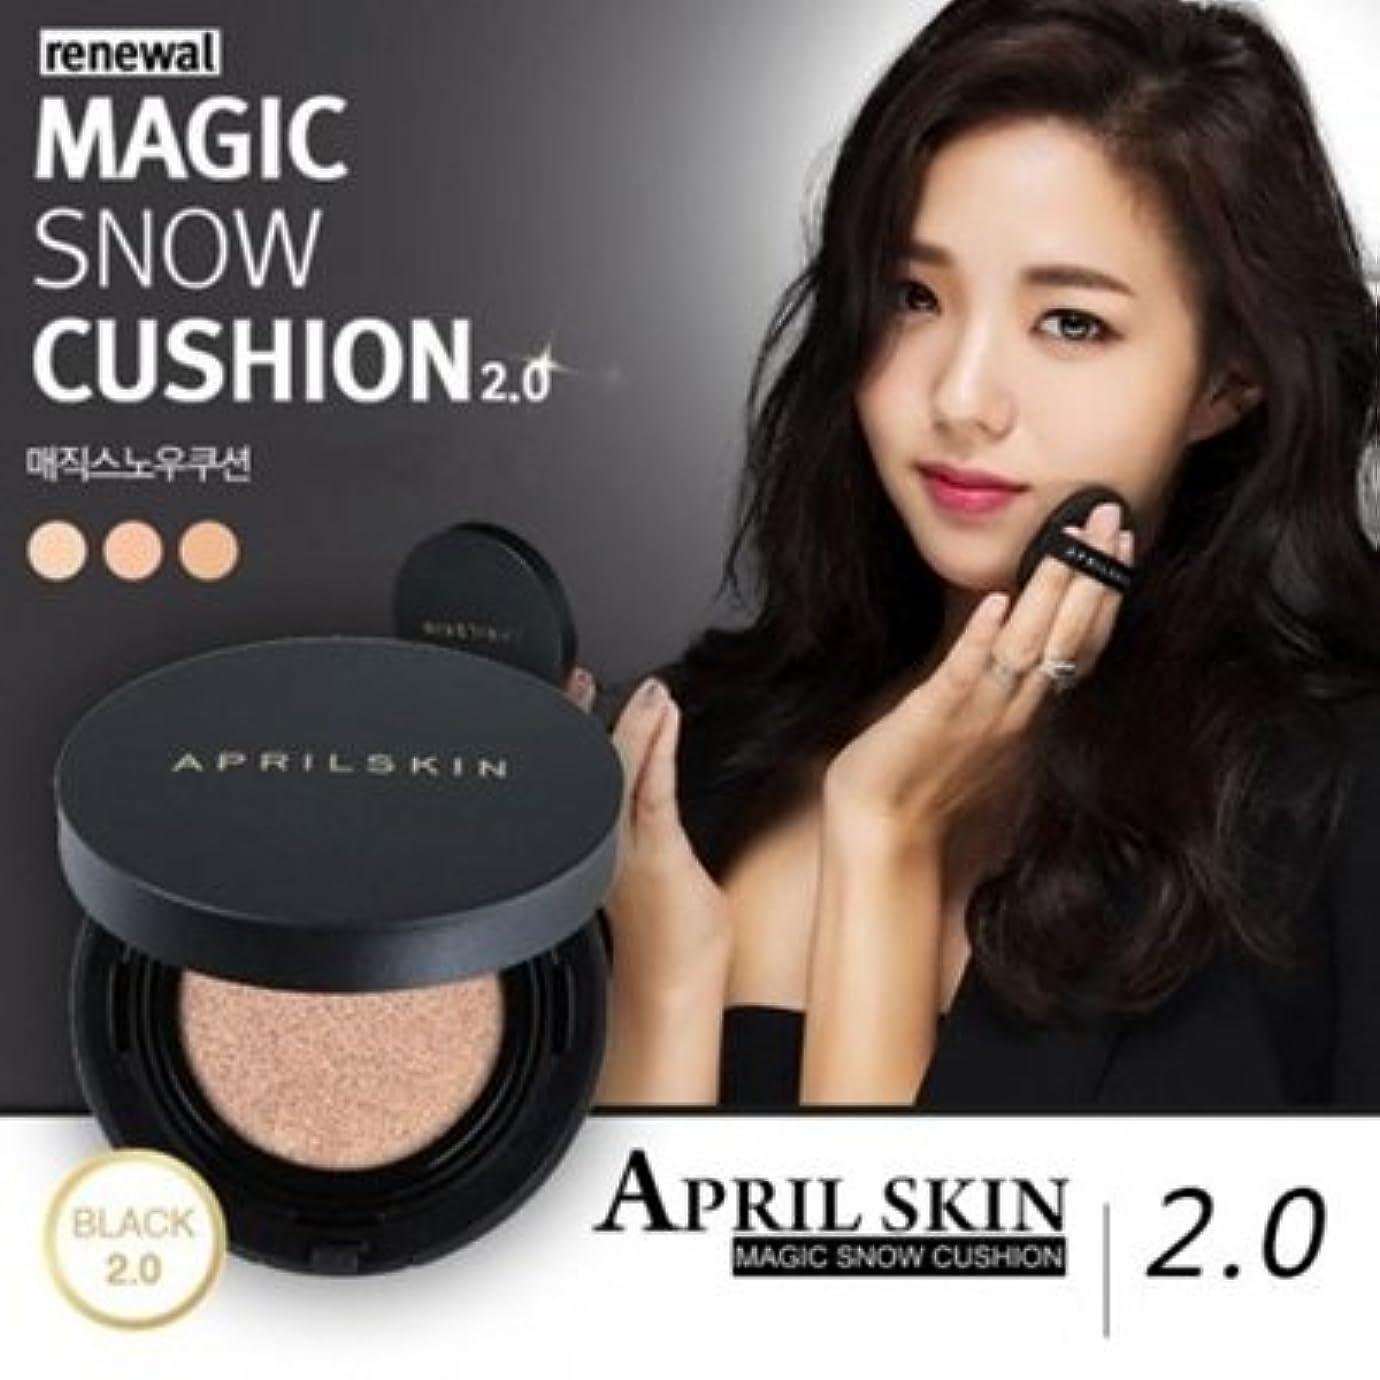 格納ずっと科学的[April Skin]韓国クッション部門1位!NEW!!★Magic Snow Cushion Black 2.0★/w Gift Sample (#22 Pink Beige) [並行輸入品]